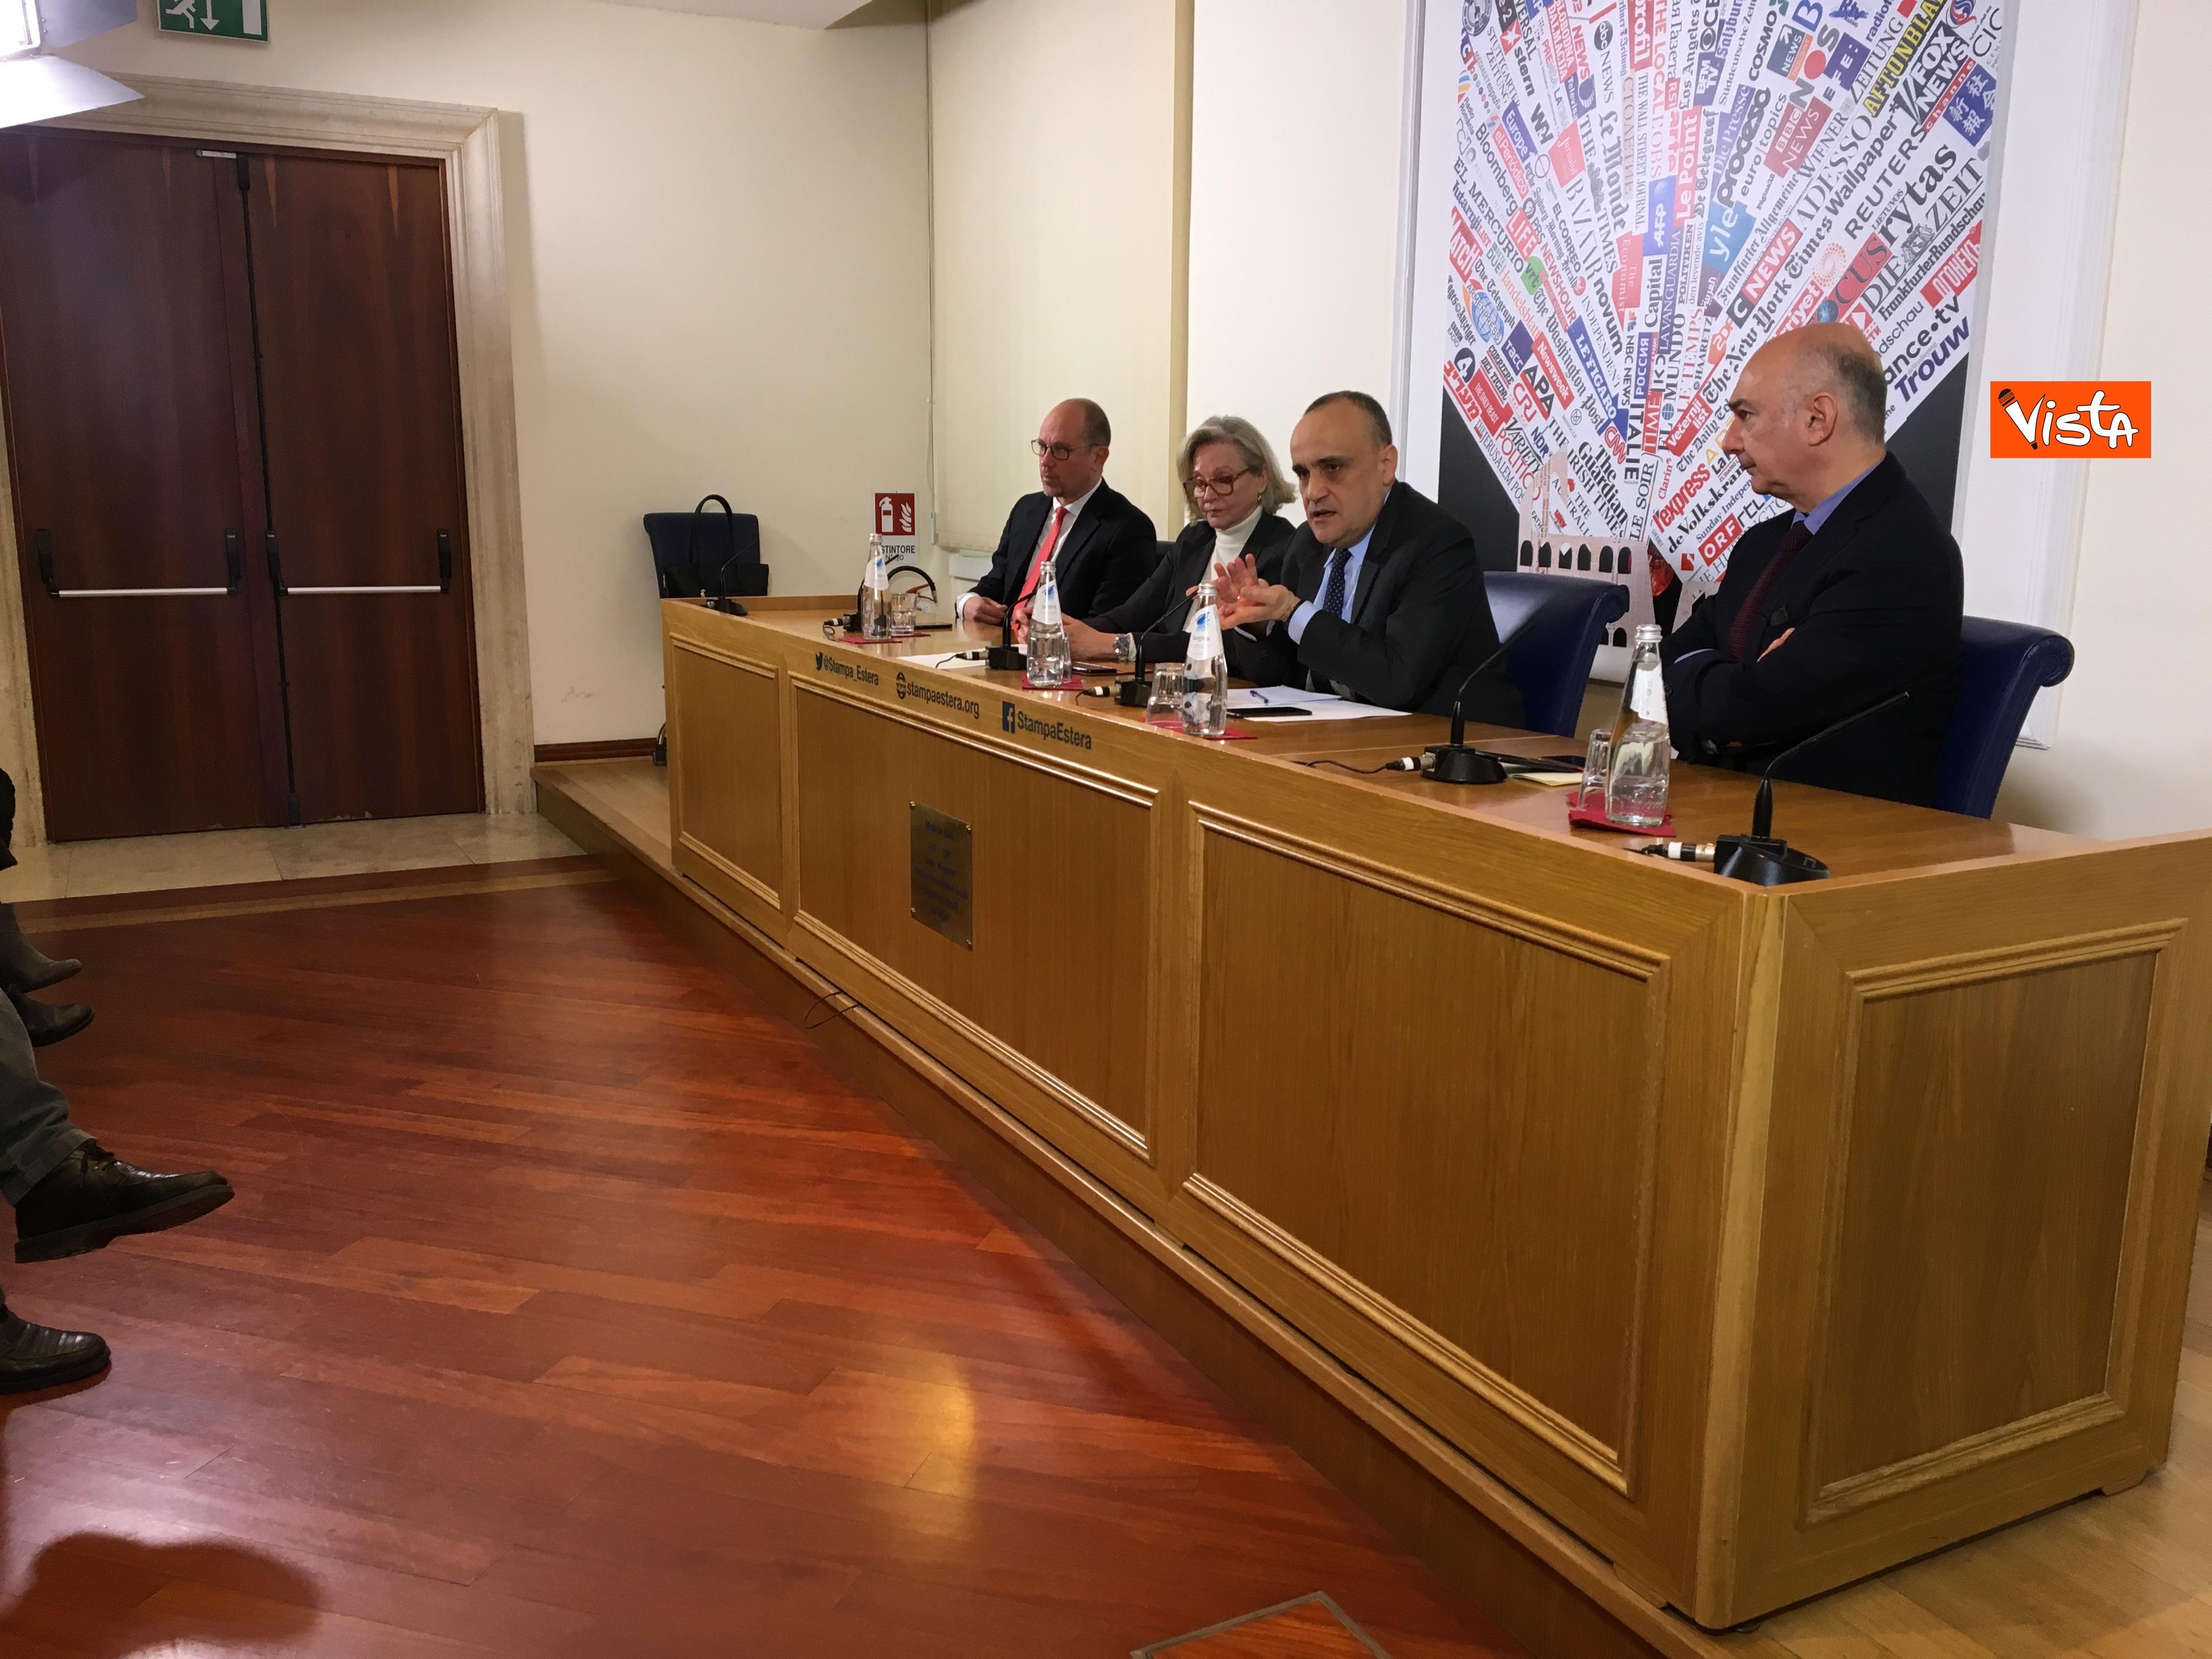 10-01-19 Bonisoli in conferenza stampa alla sede romana della stampa estera immagini_07